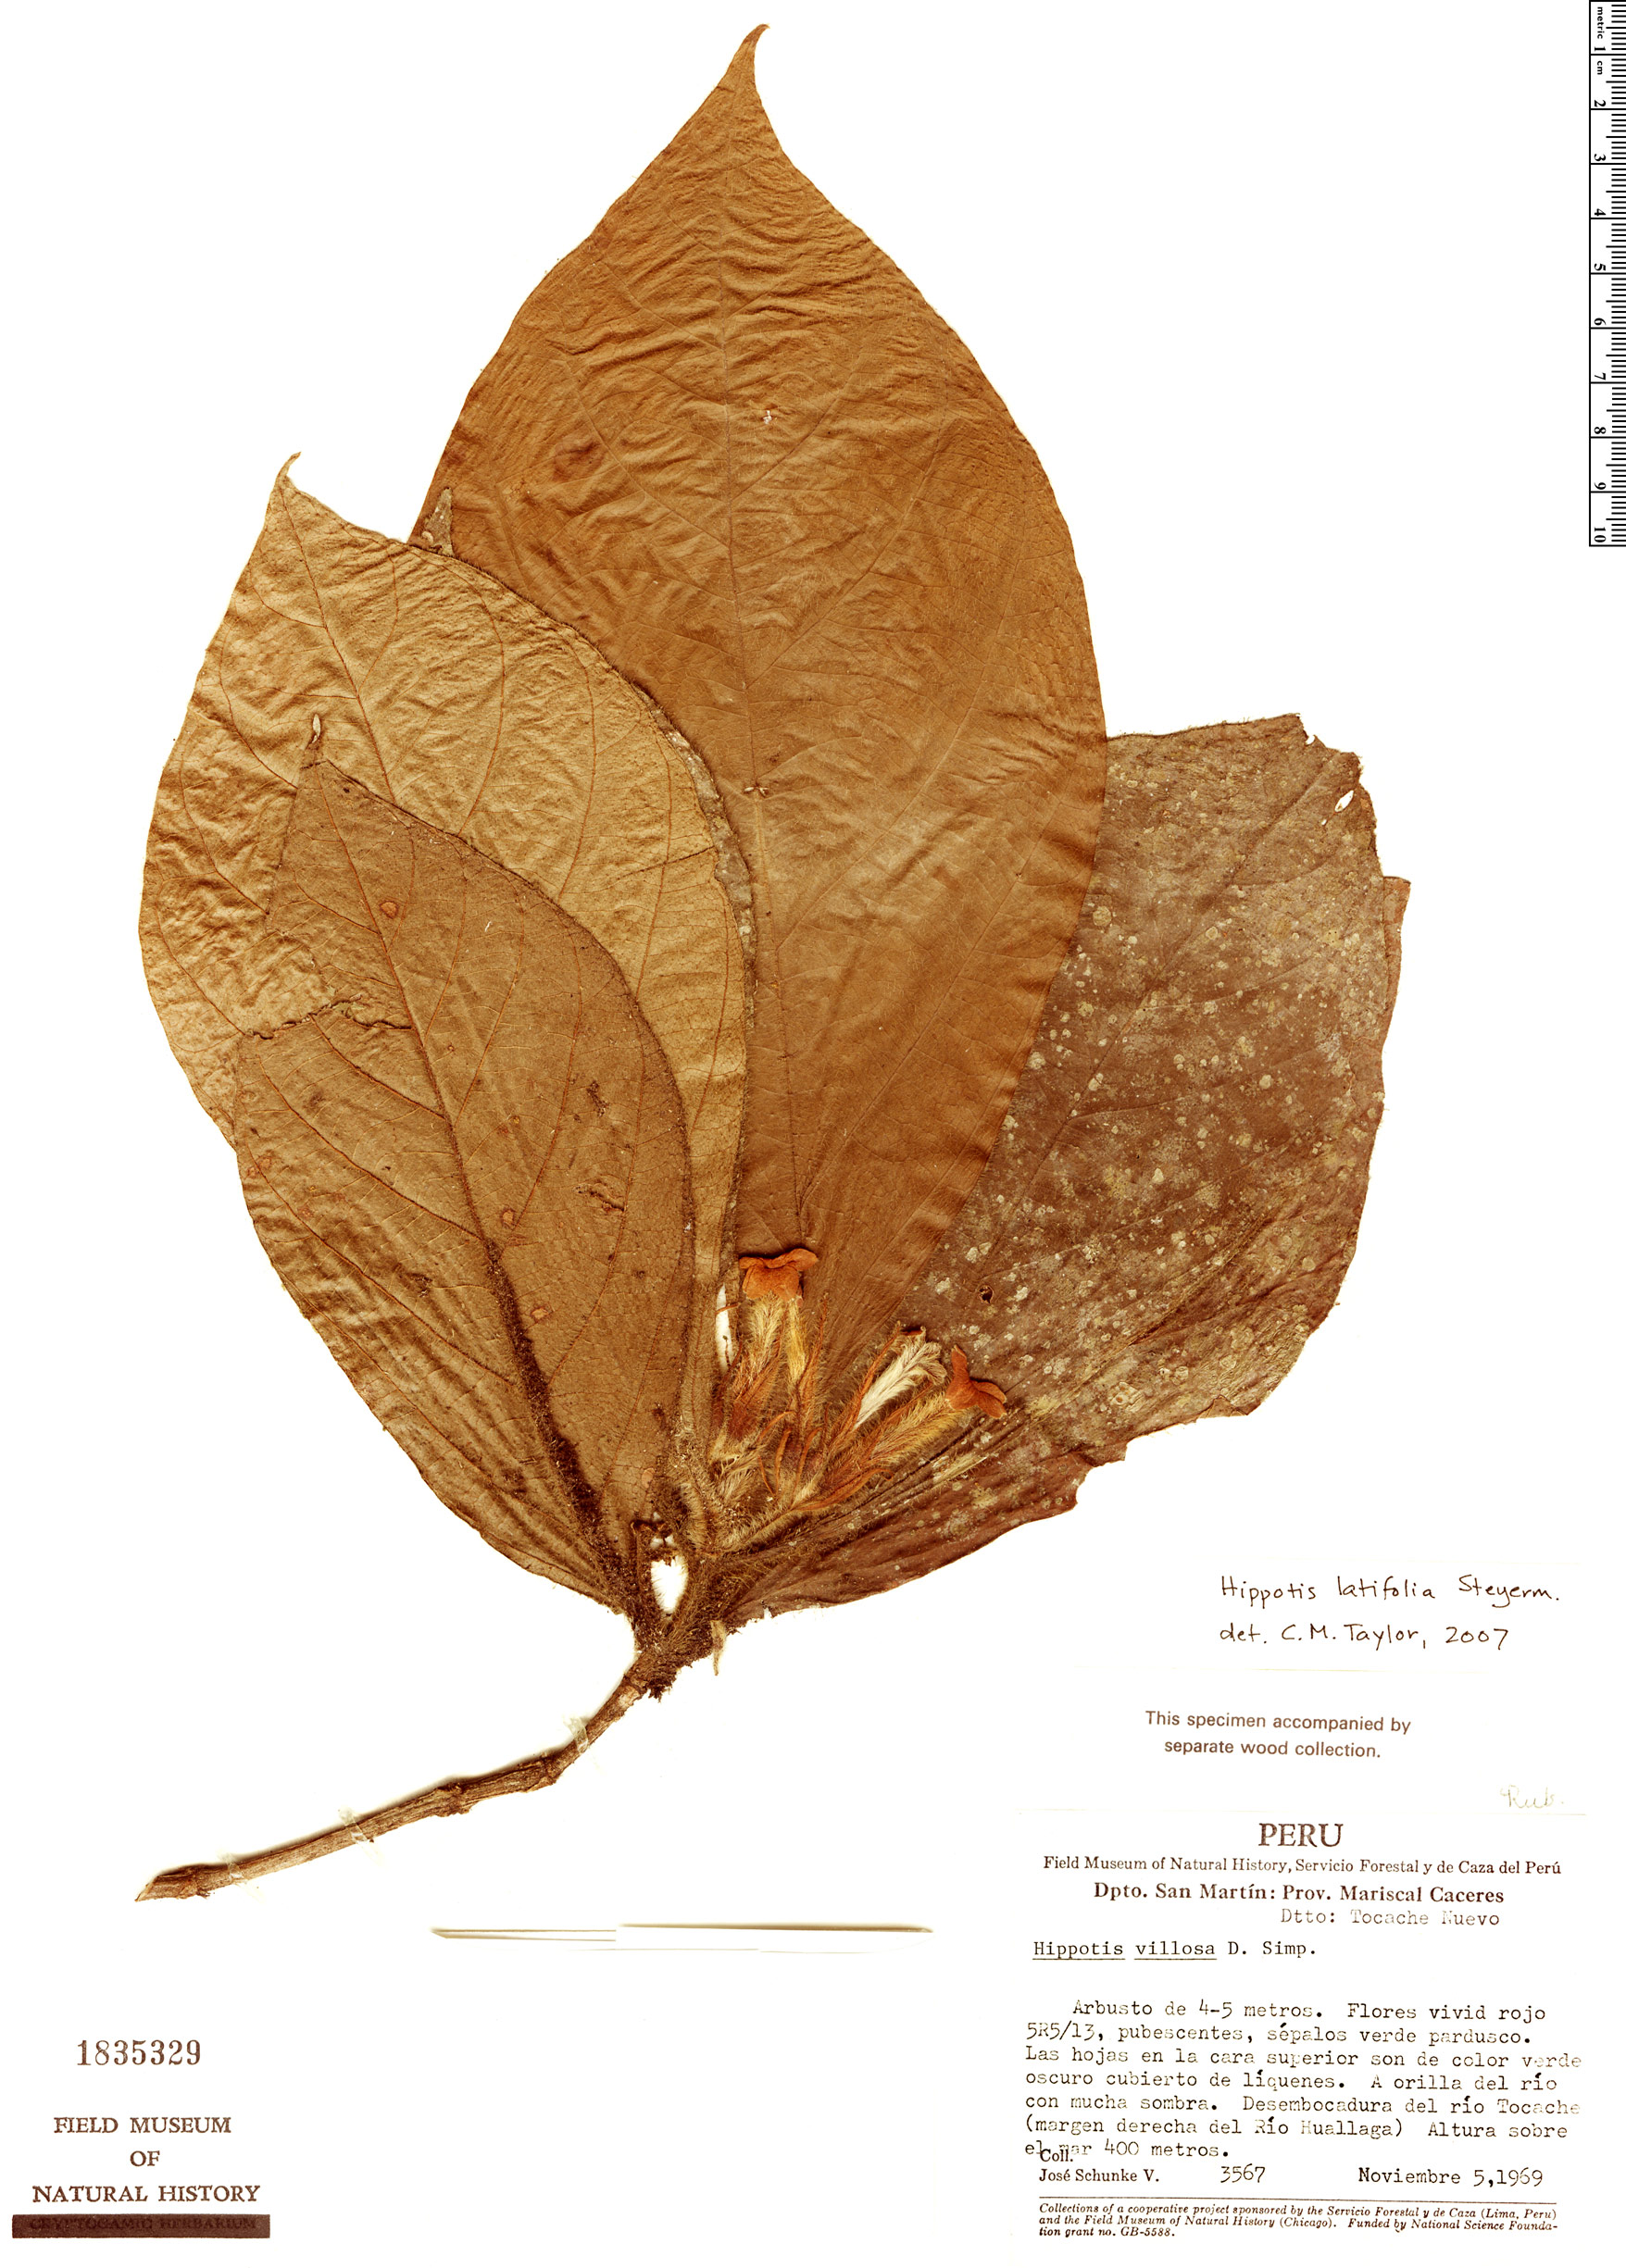 Specimen: Hippotis hirsutissima